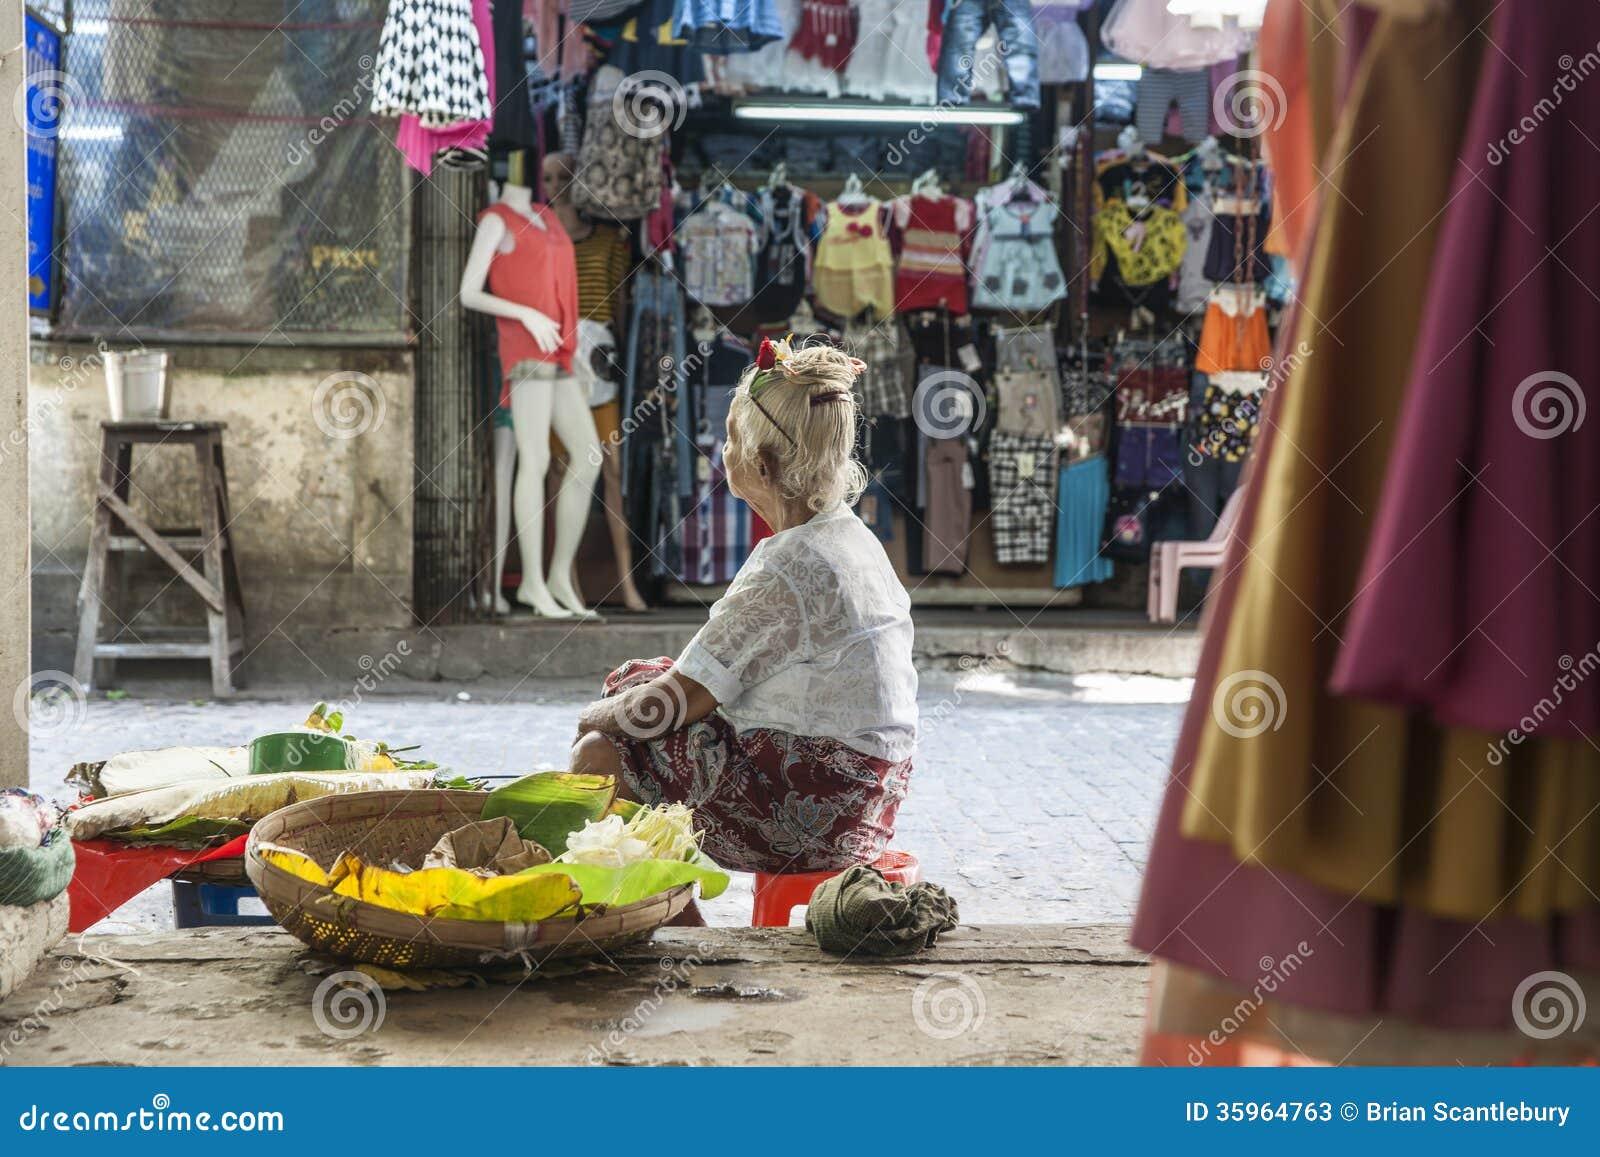 La mujer mayor sienta esperar para vender la producción.